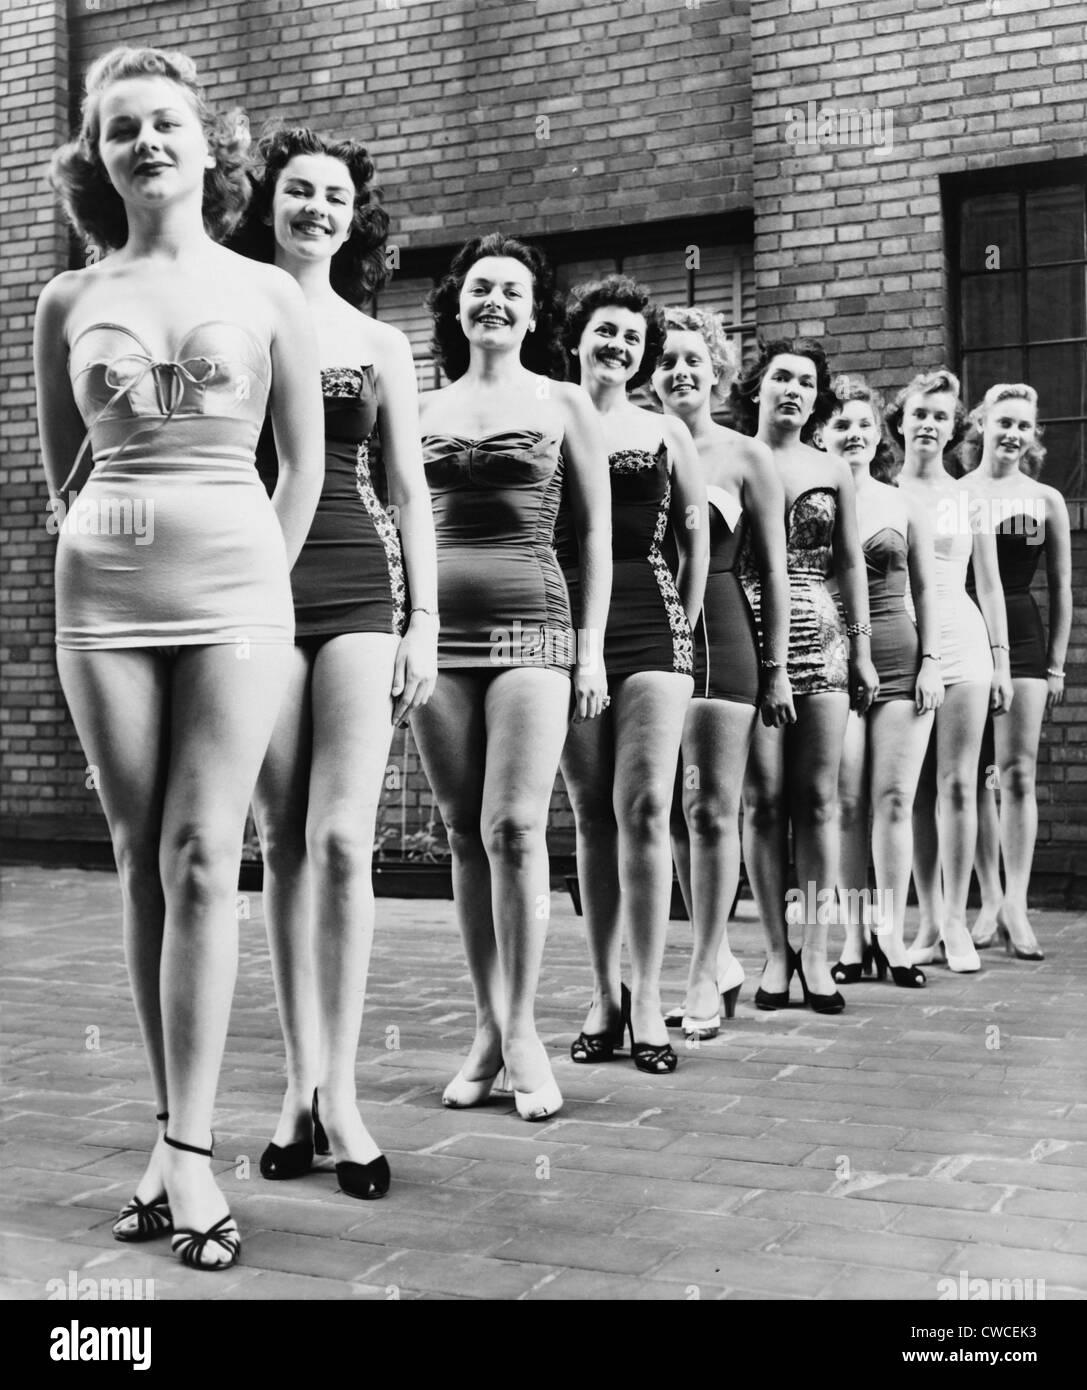 Miss New York City Schönheit Teilnehmer Line-up auf ein Stadthotel in 1952. Stockbild